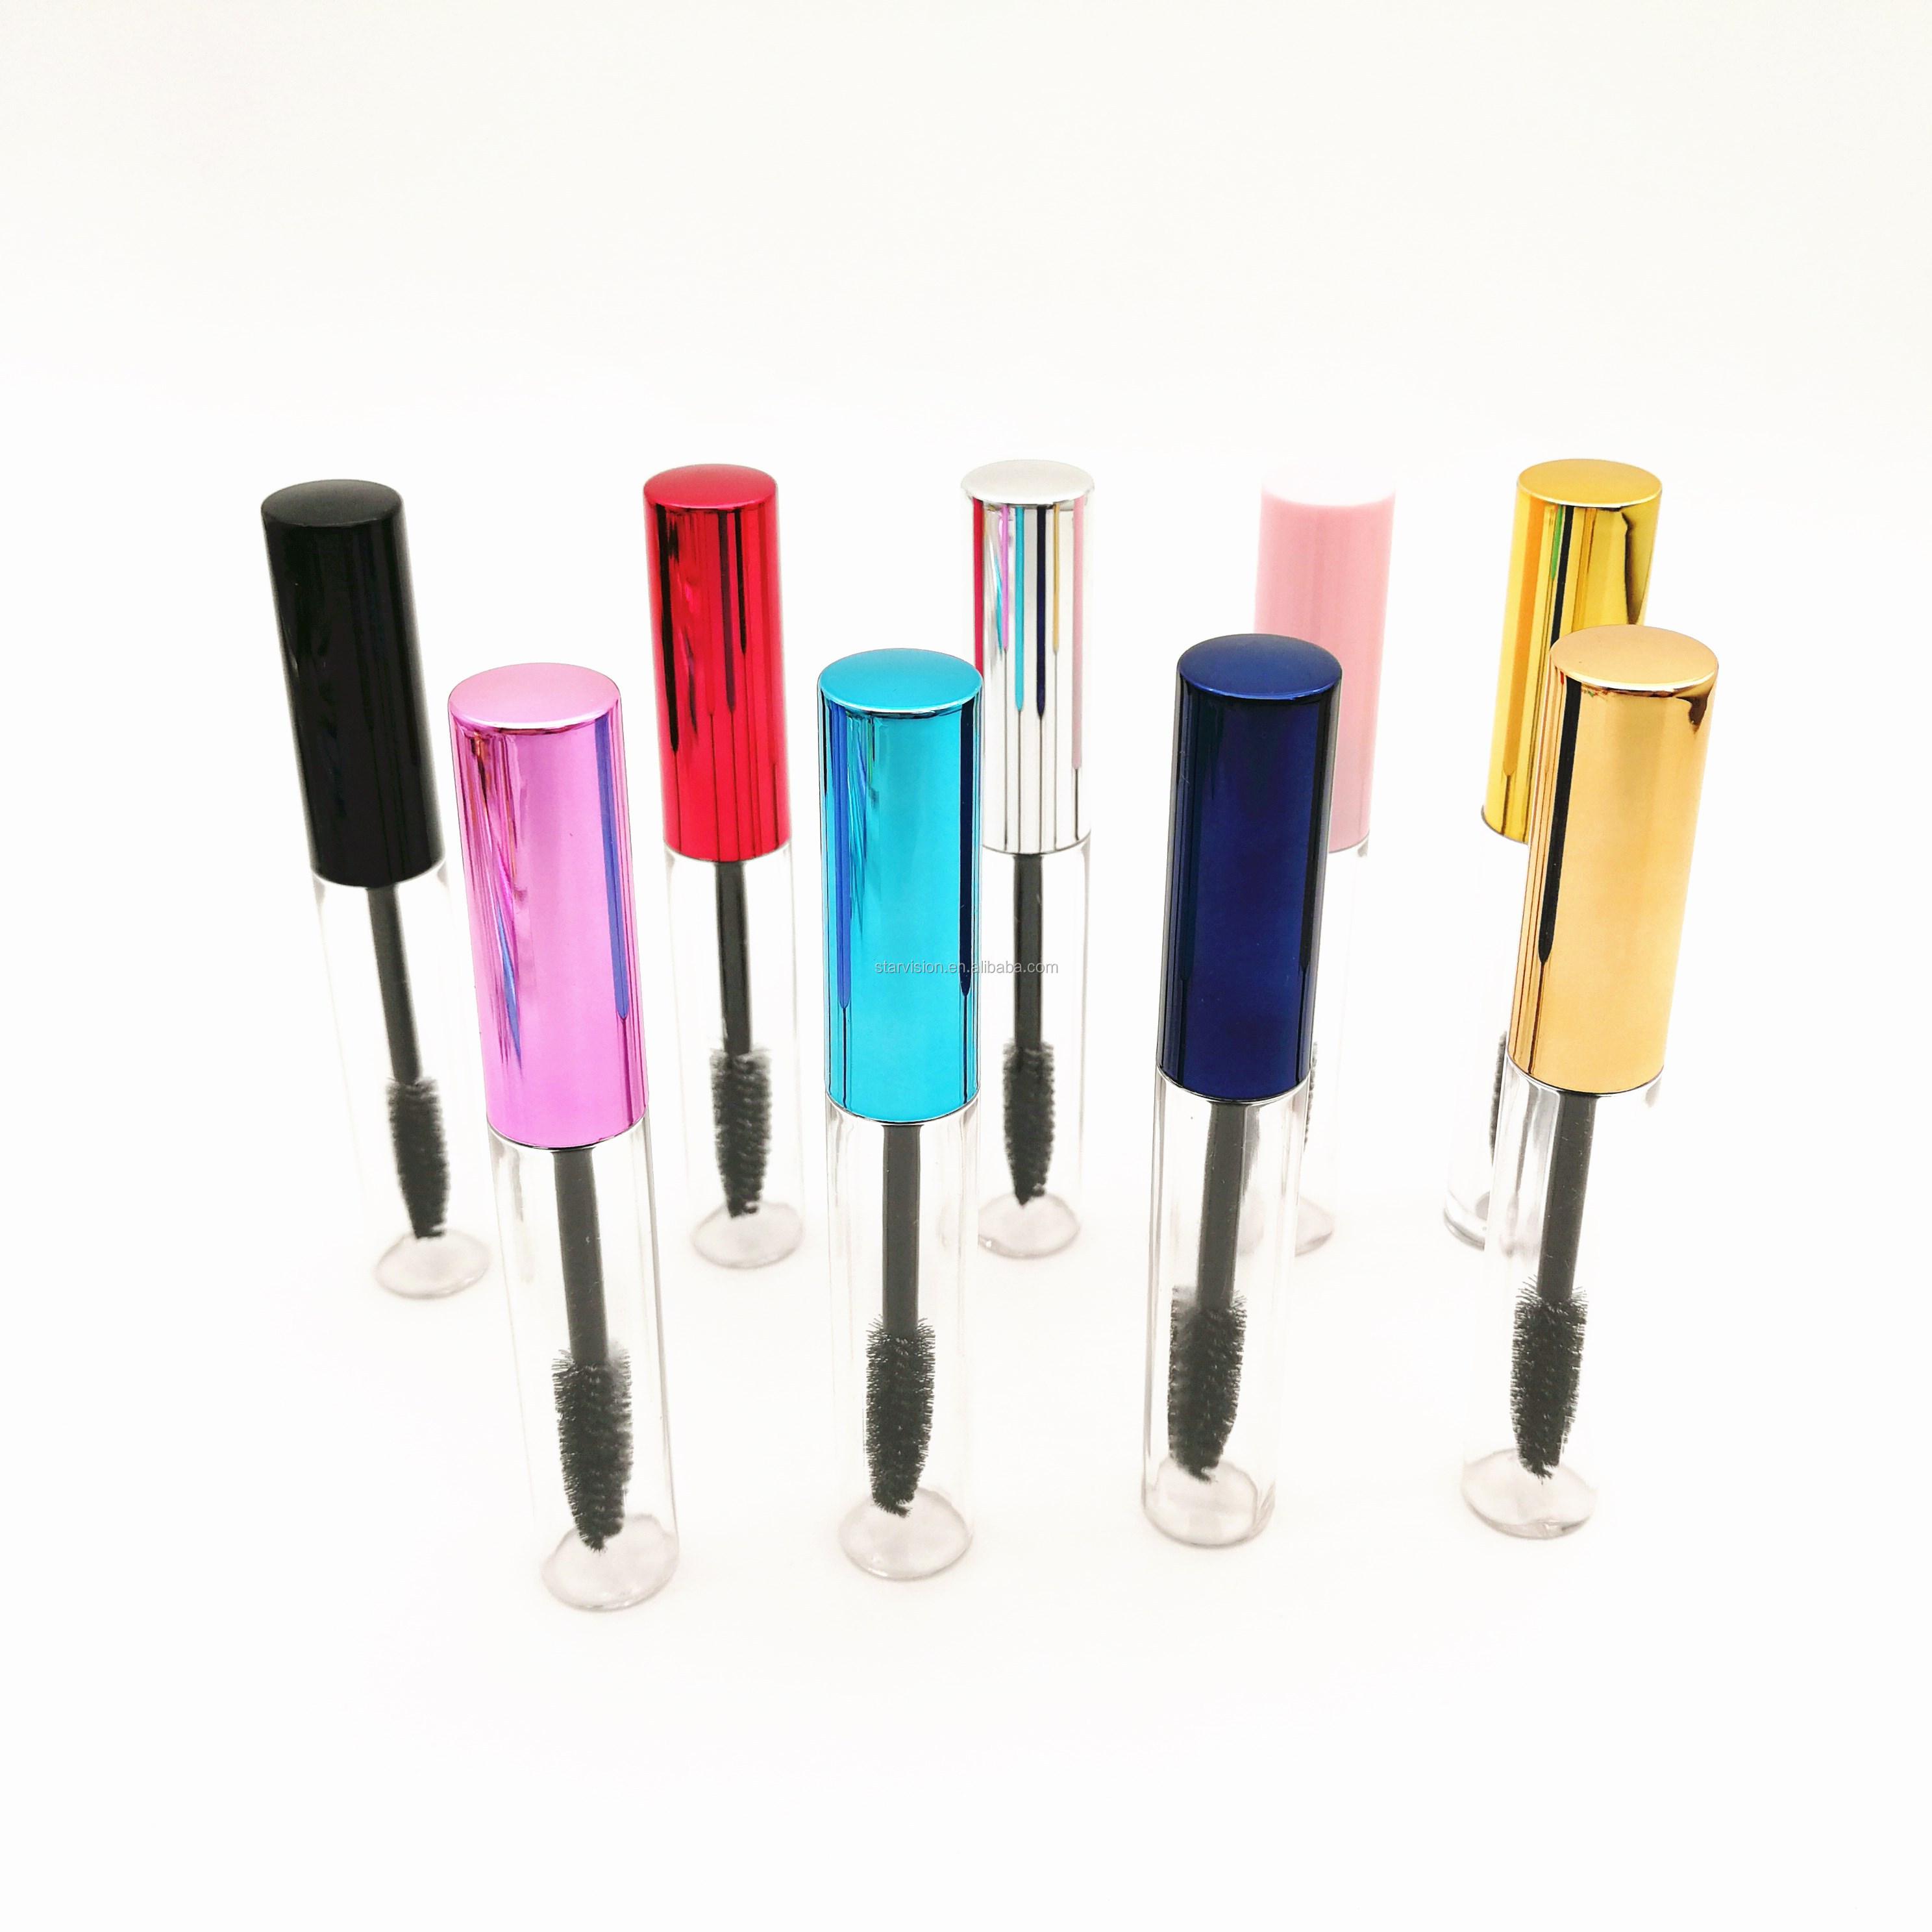 10ml clear empty mascara wand bottle mascara tube with brush